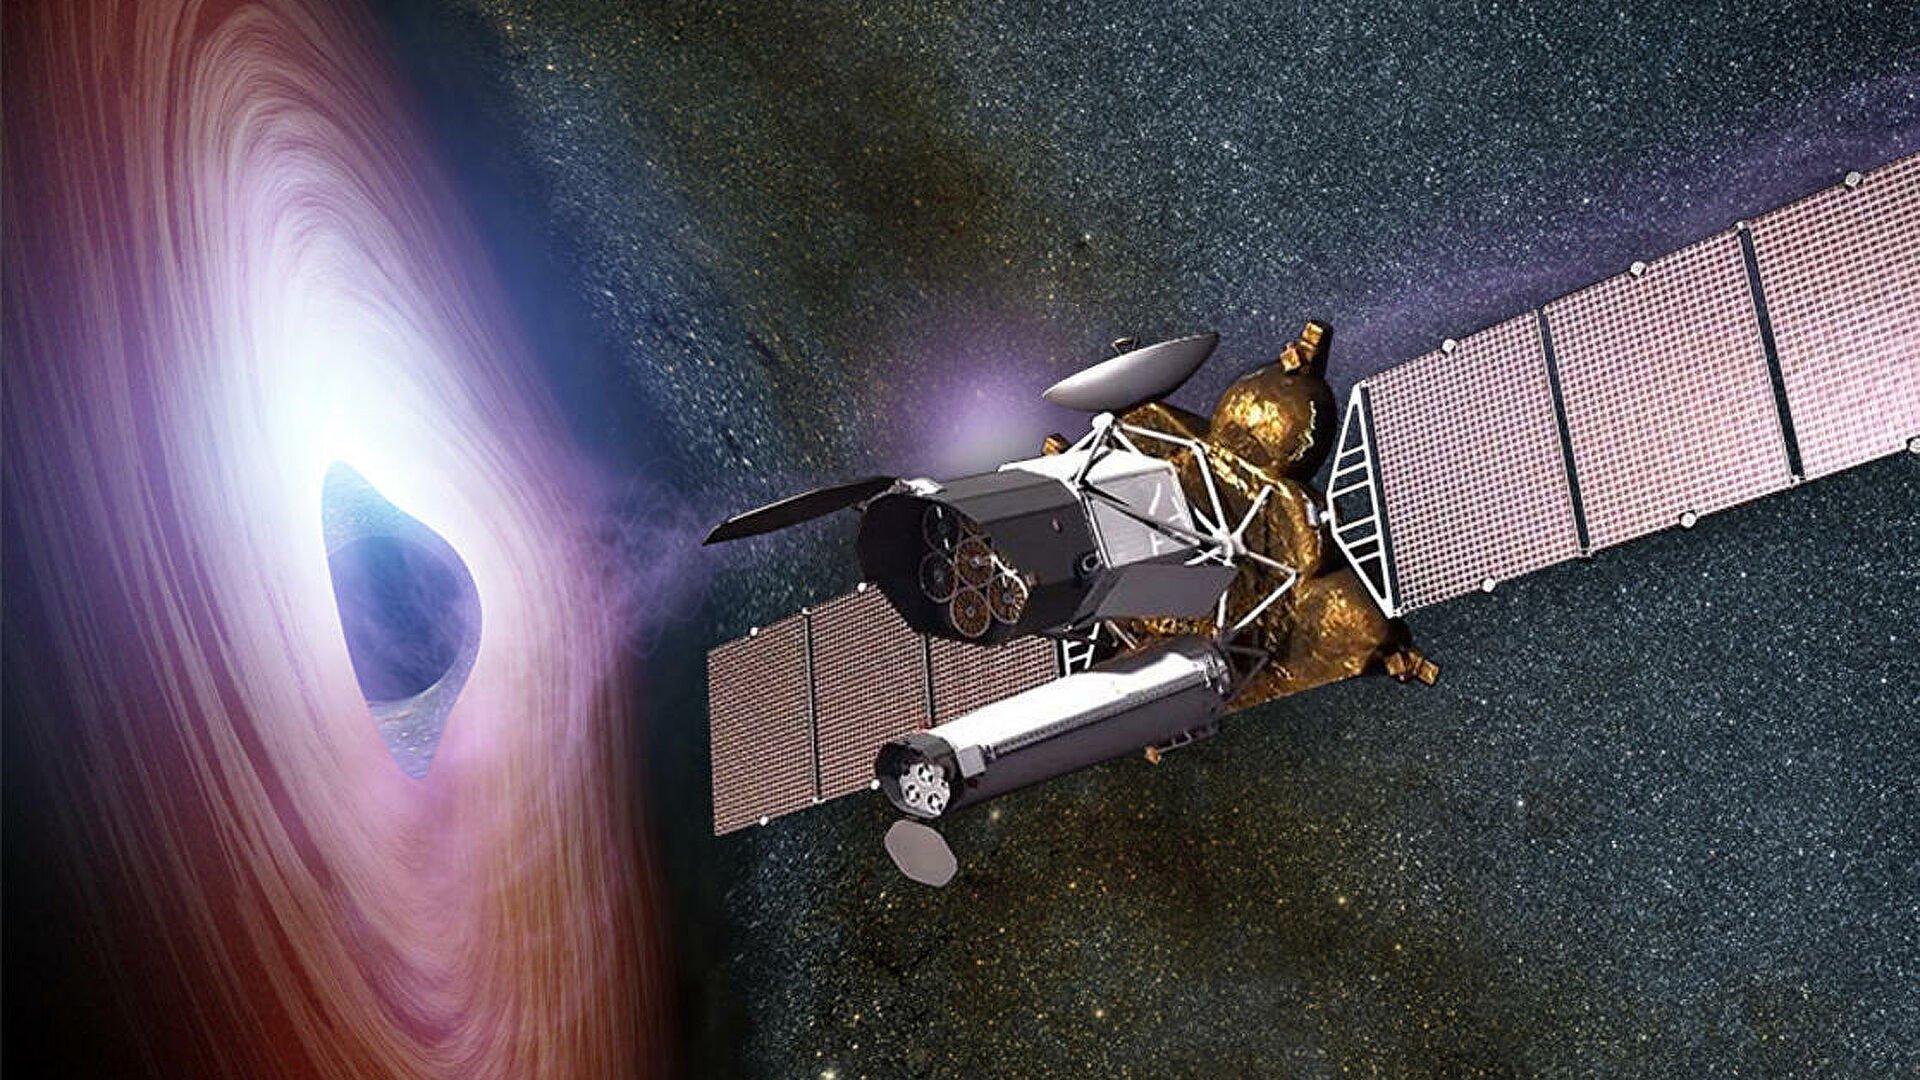 Космическая обсерватория Спектр-РГ завершила третий обзор всего неба